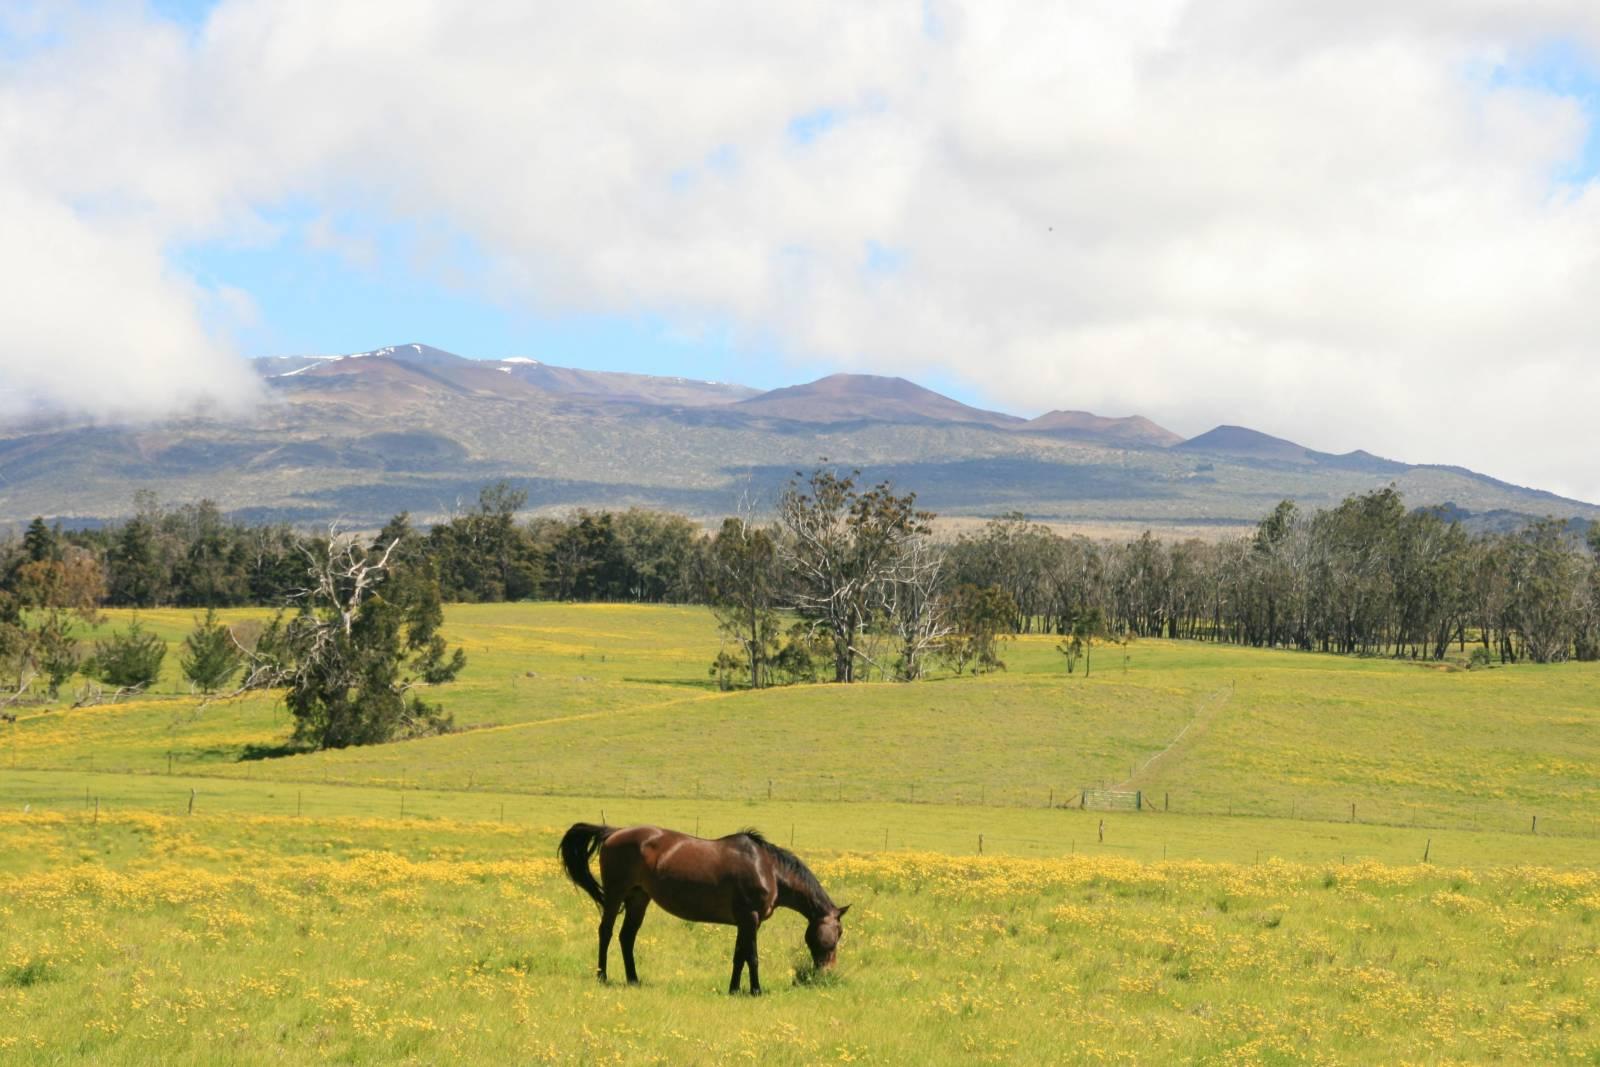 Waikii Ranch horse